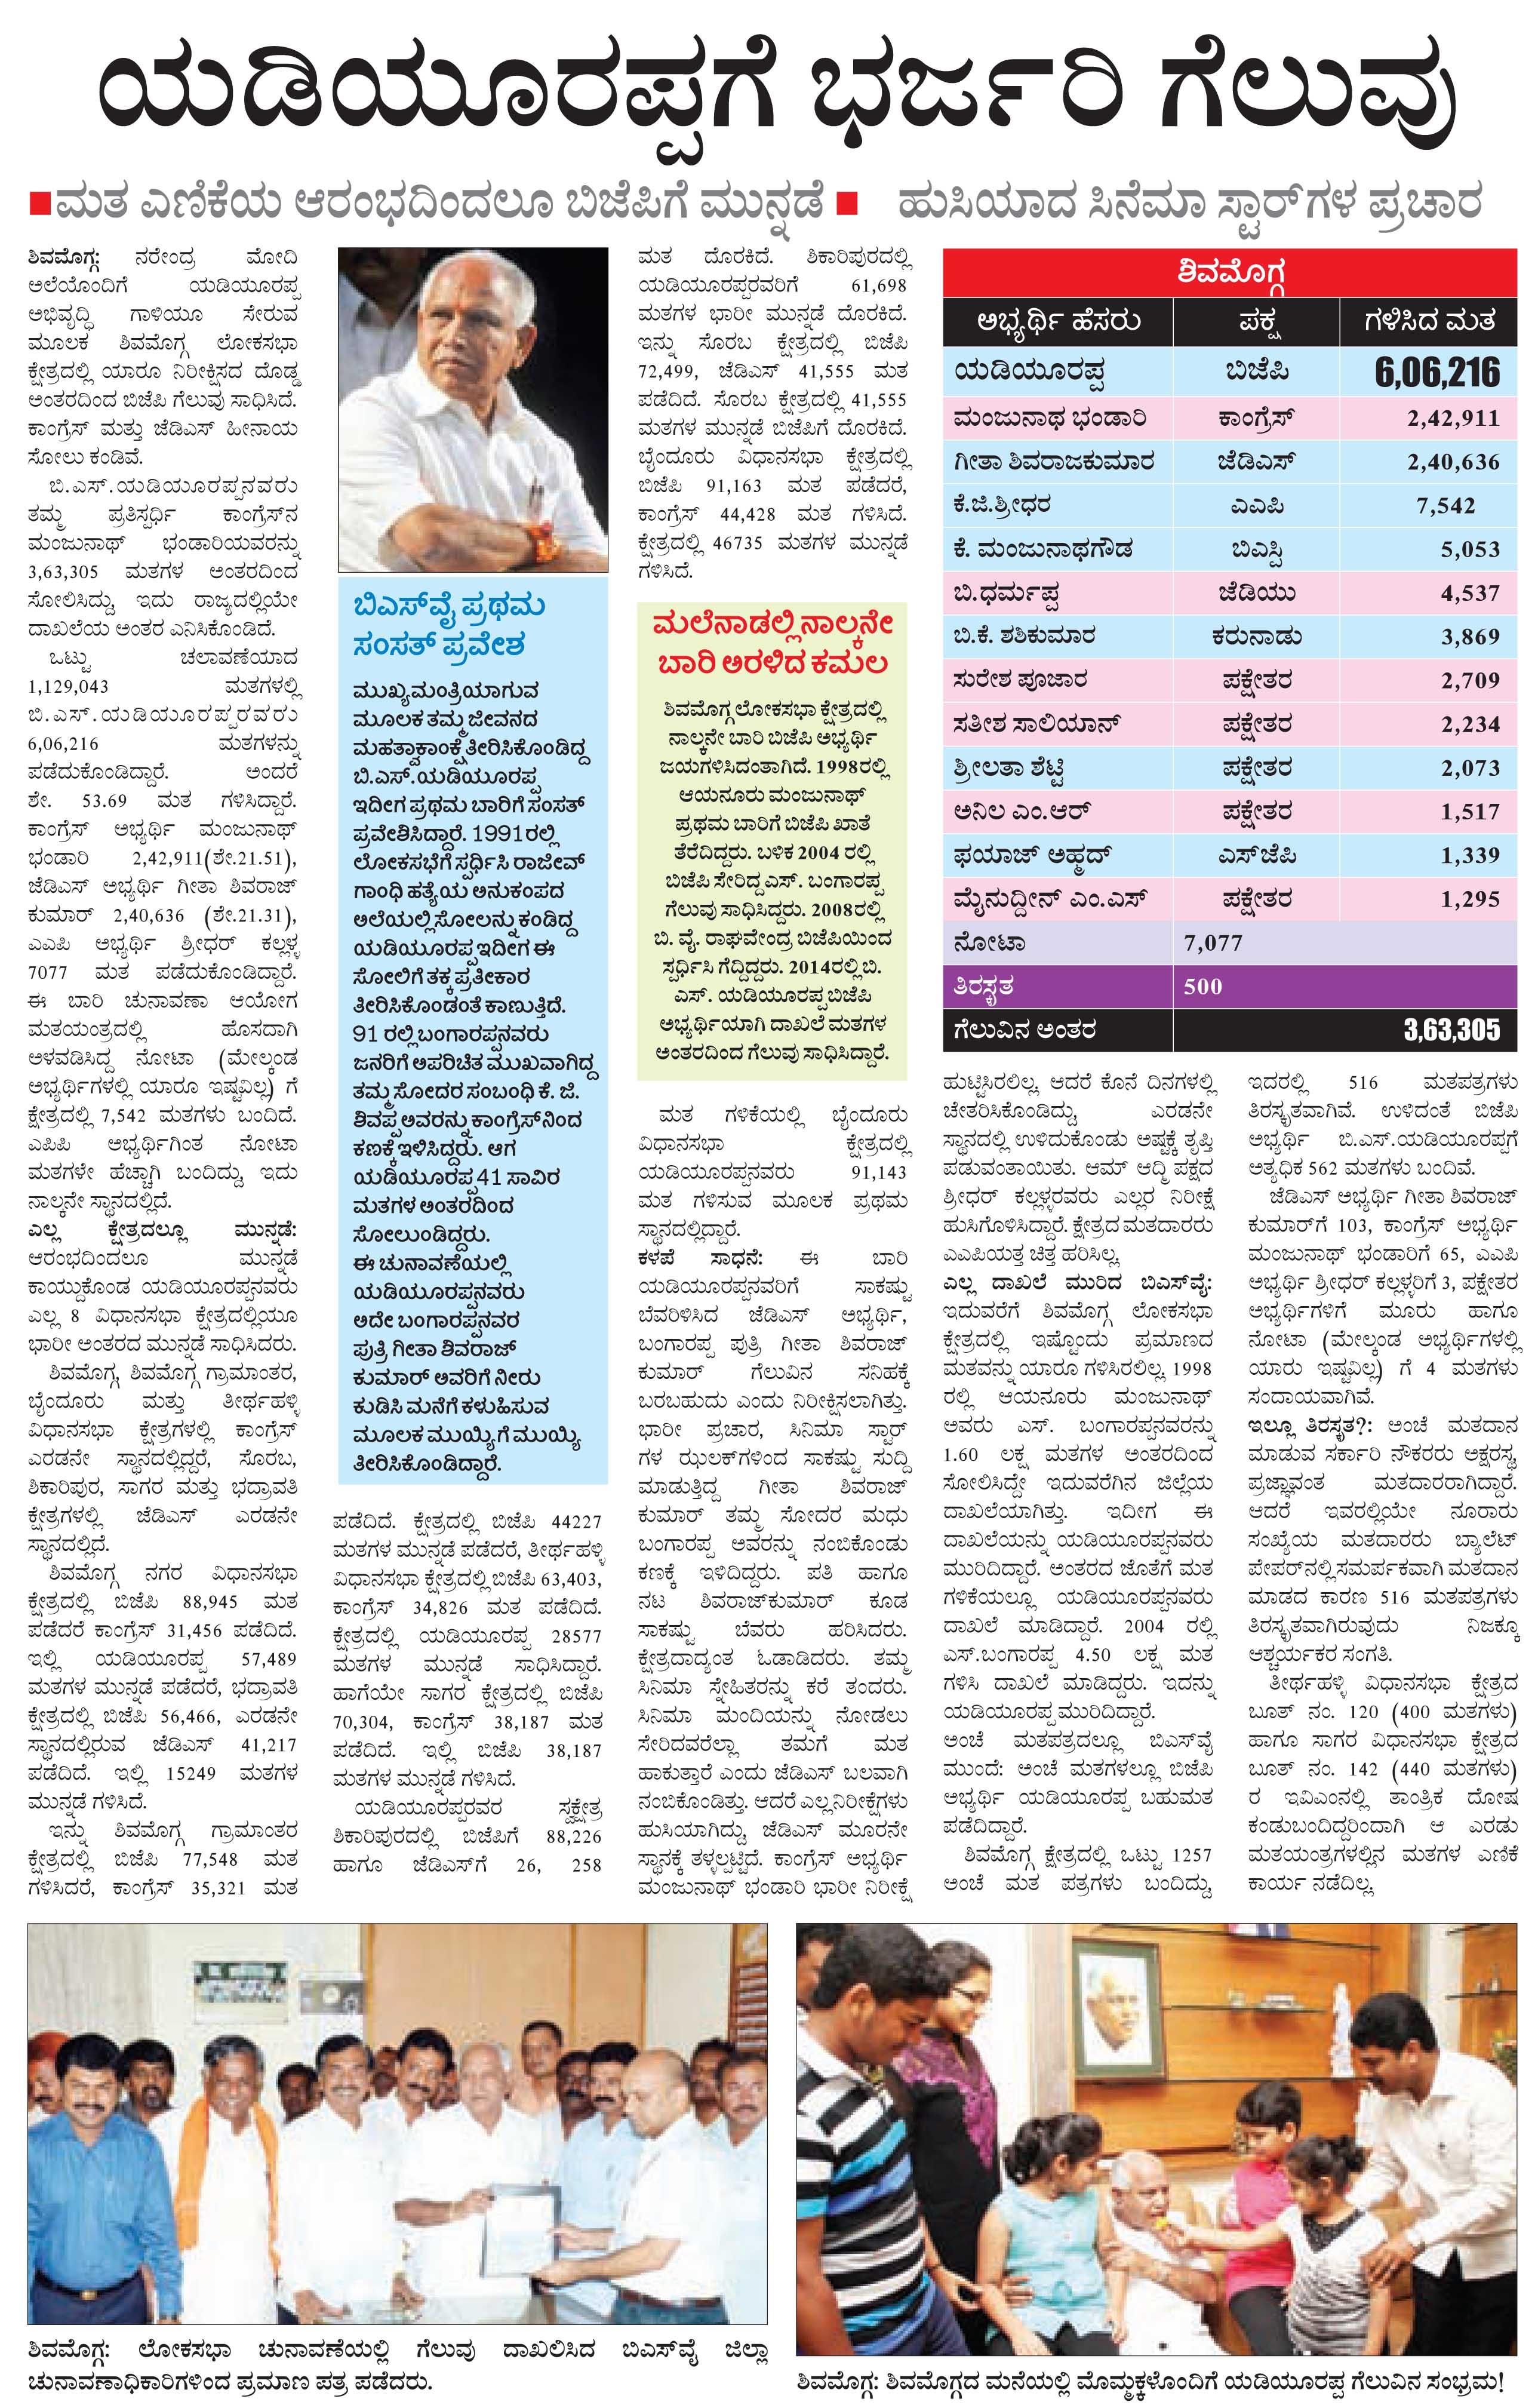 ಉದಯವಾಣಿ 17-05-2014, ಪುಟ 2